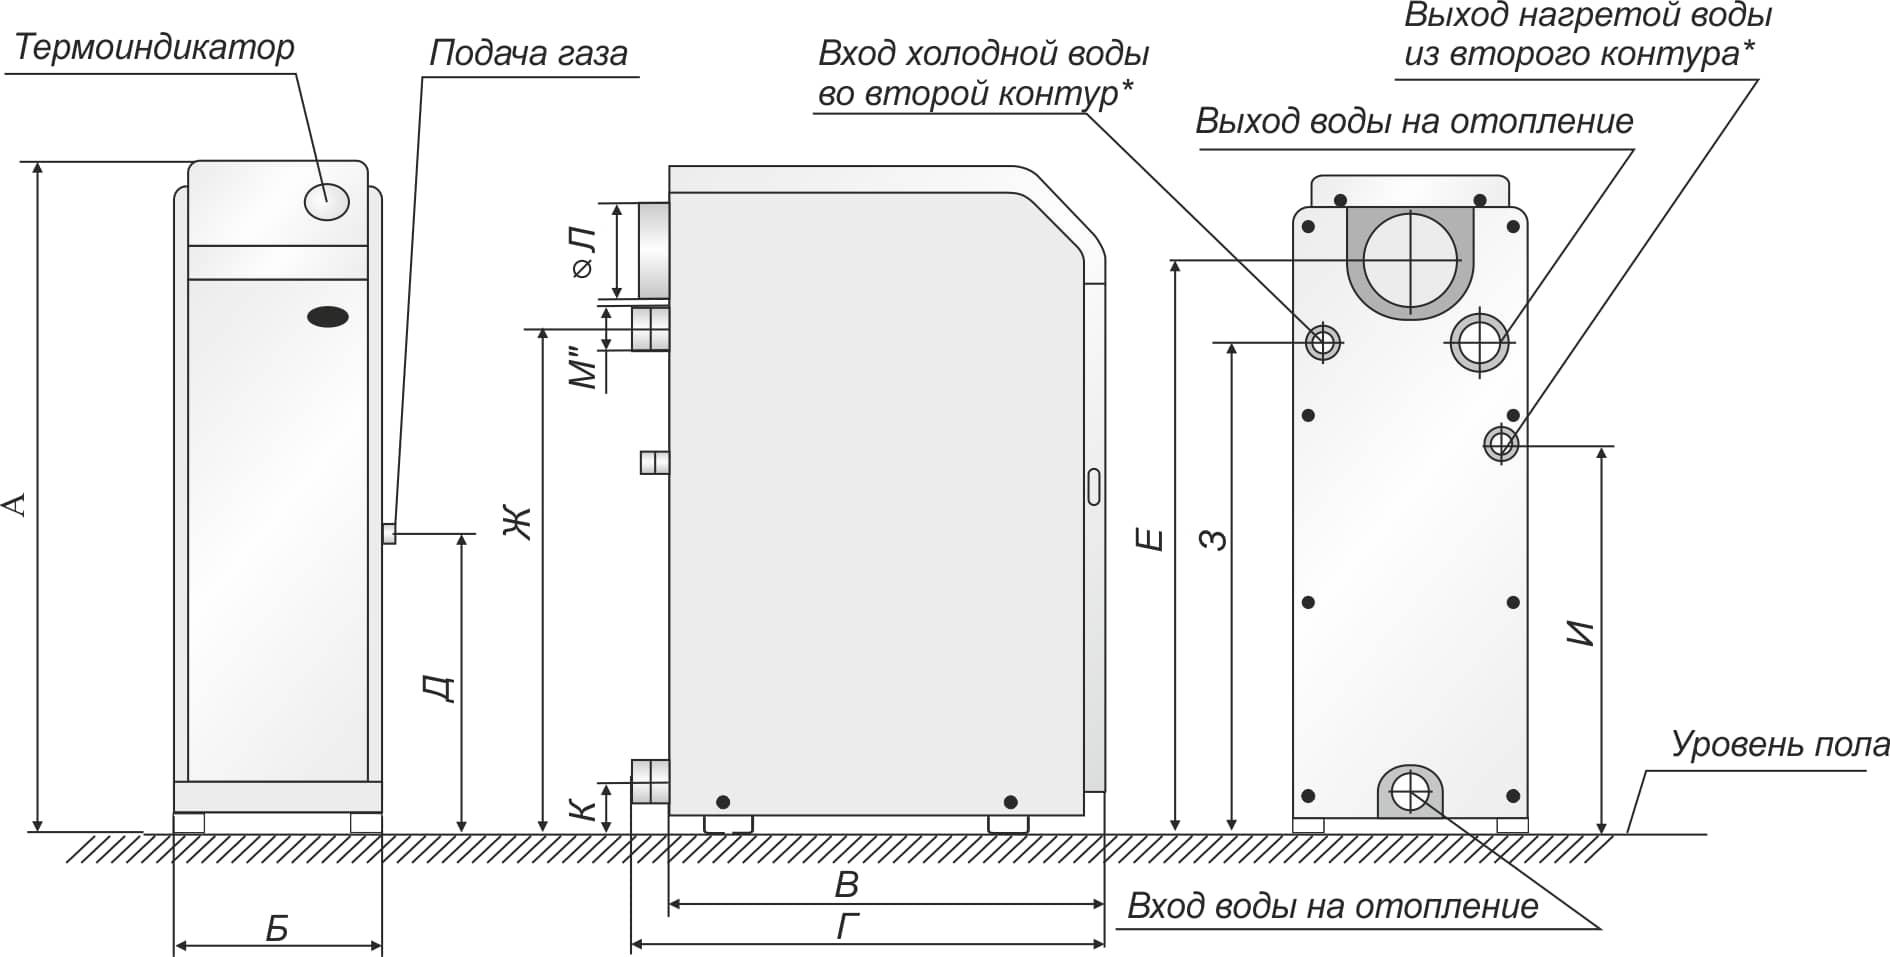 Газовый котел Житомир 3